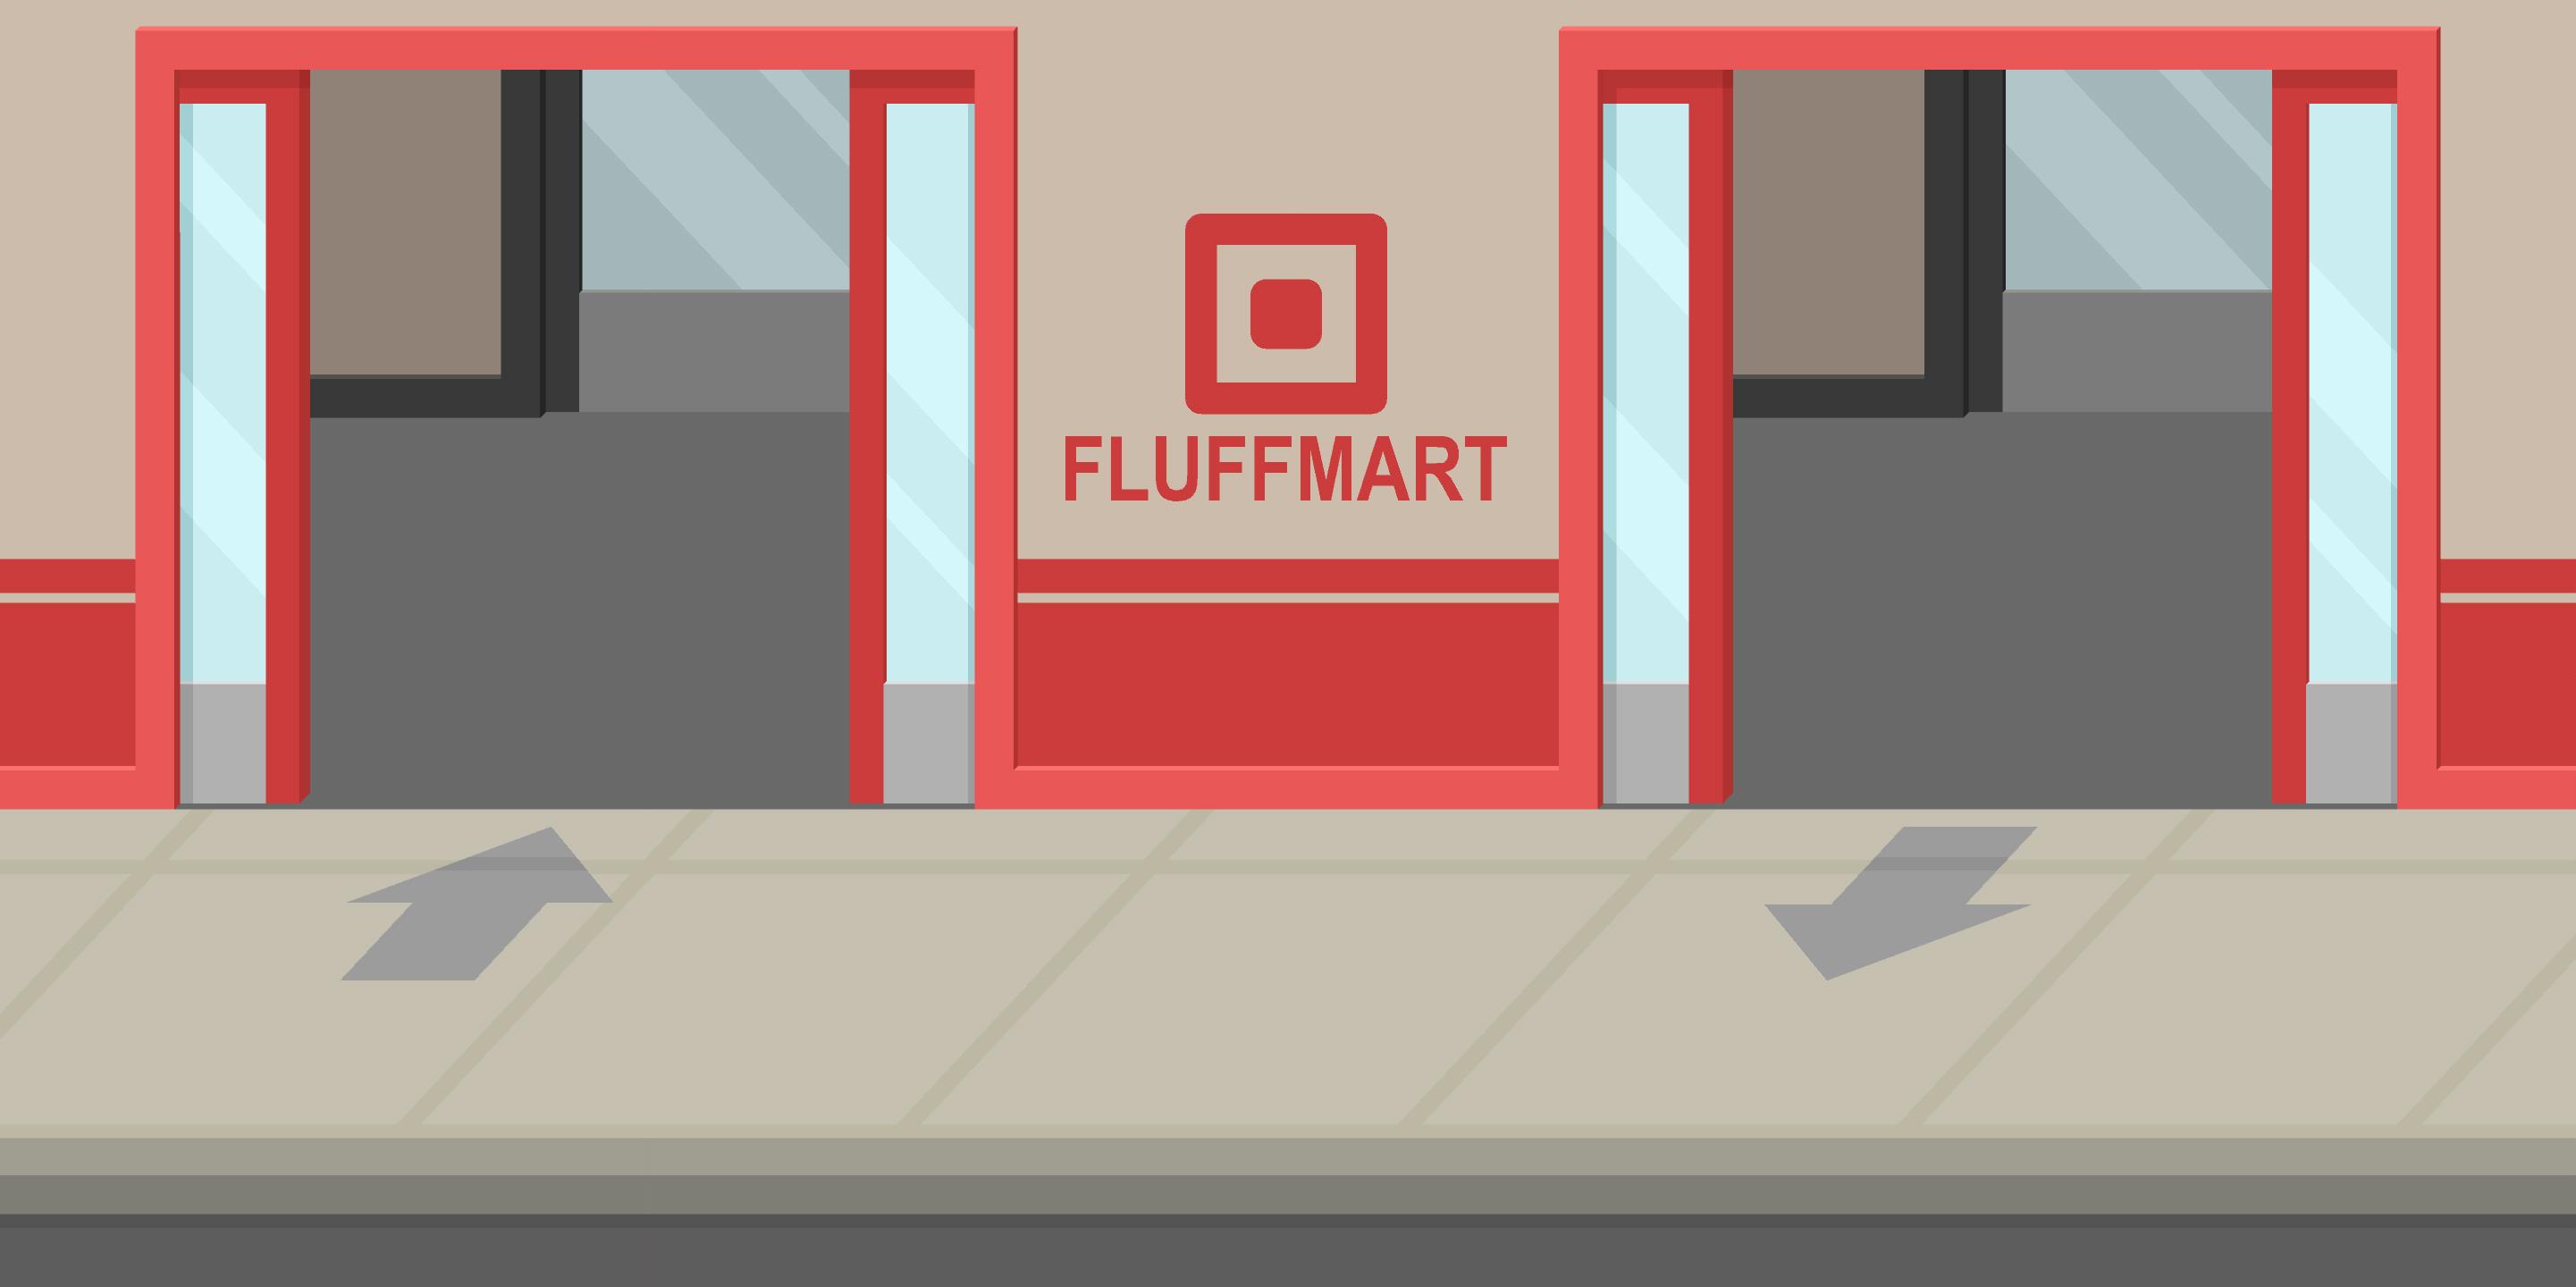 Fluffmart